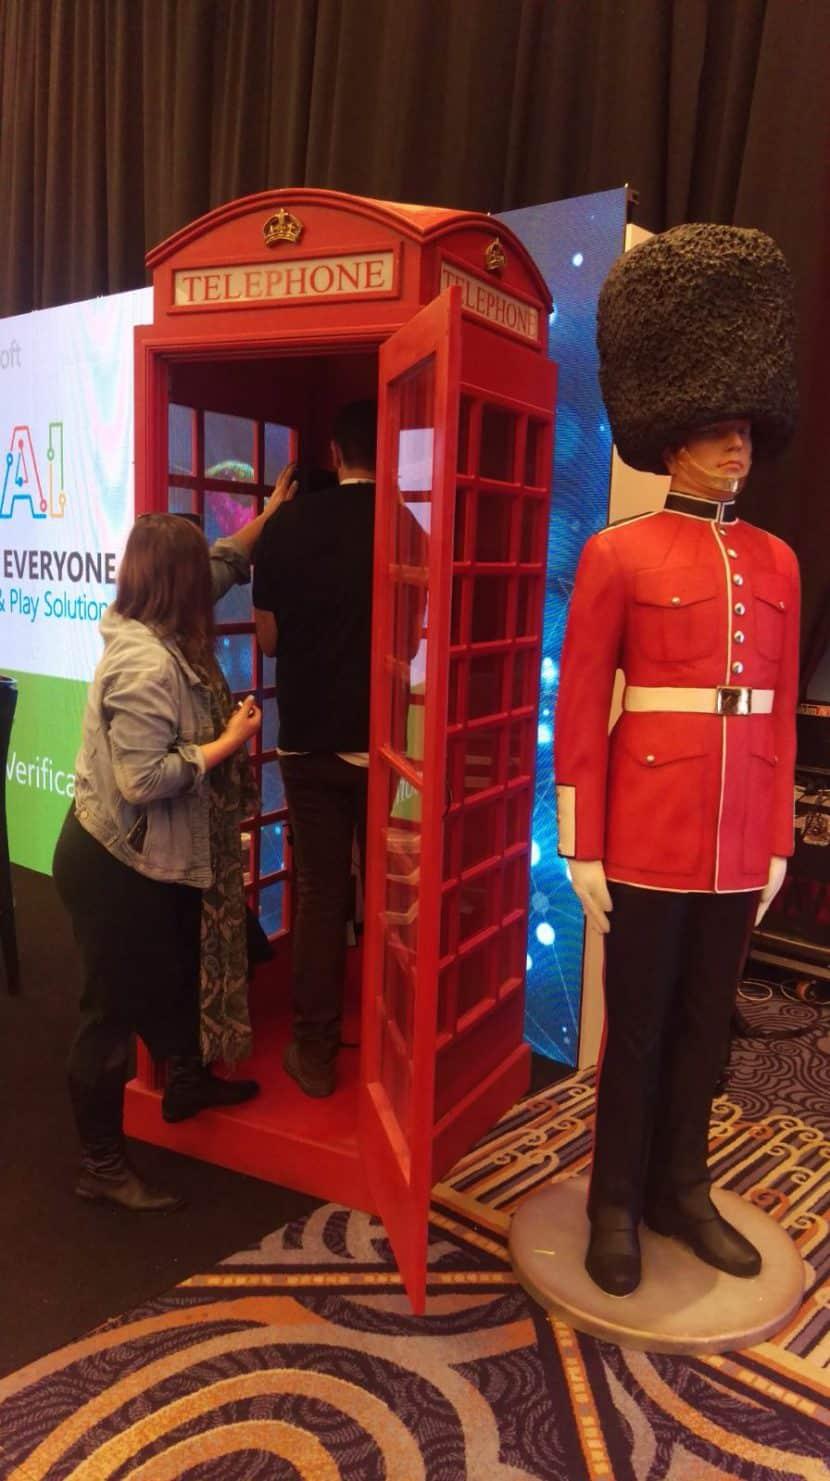 שומר מלכה ליד התא טלפון